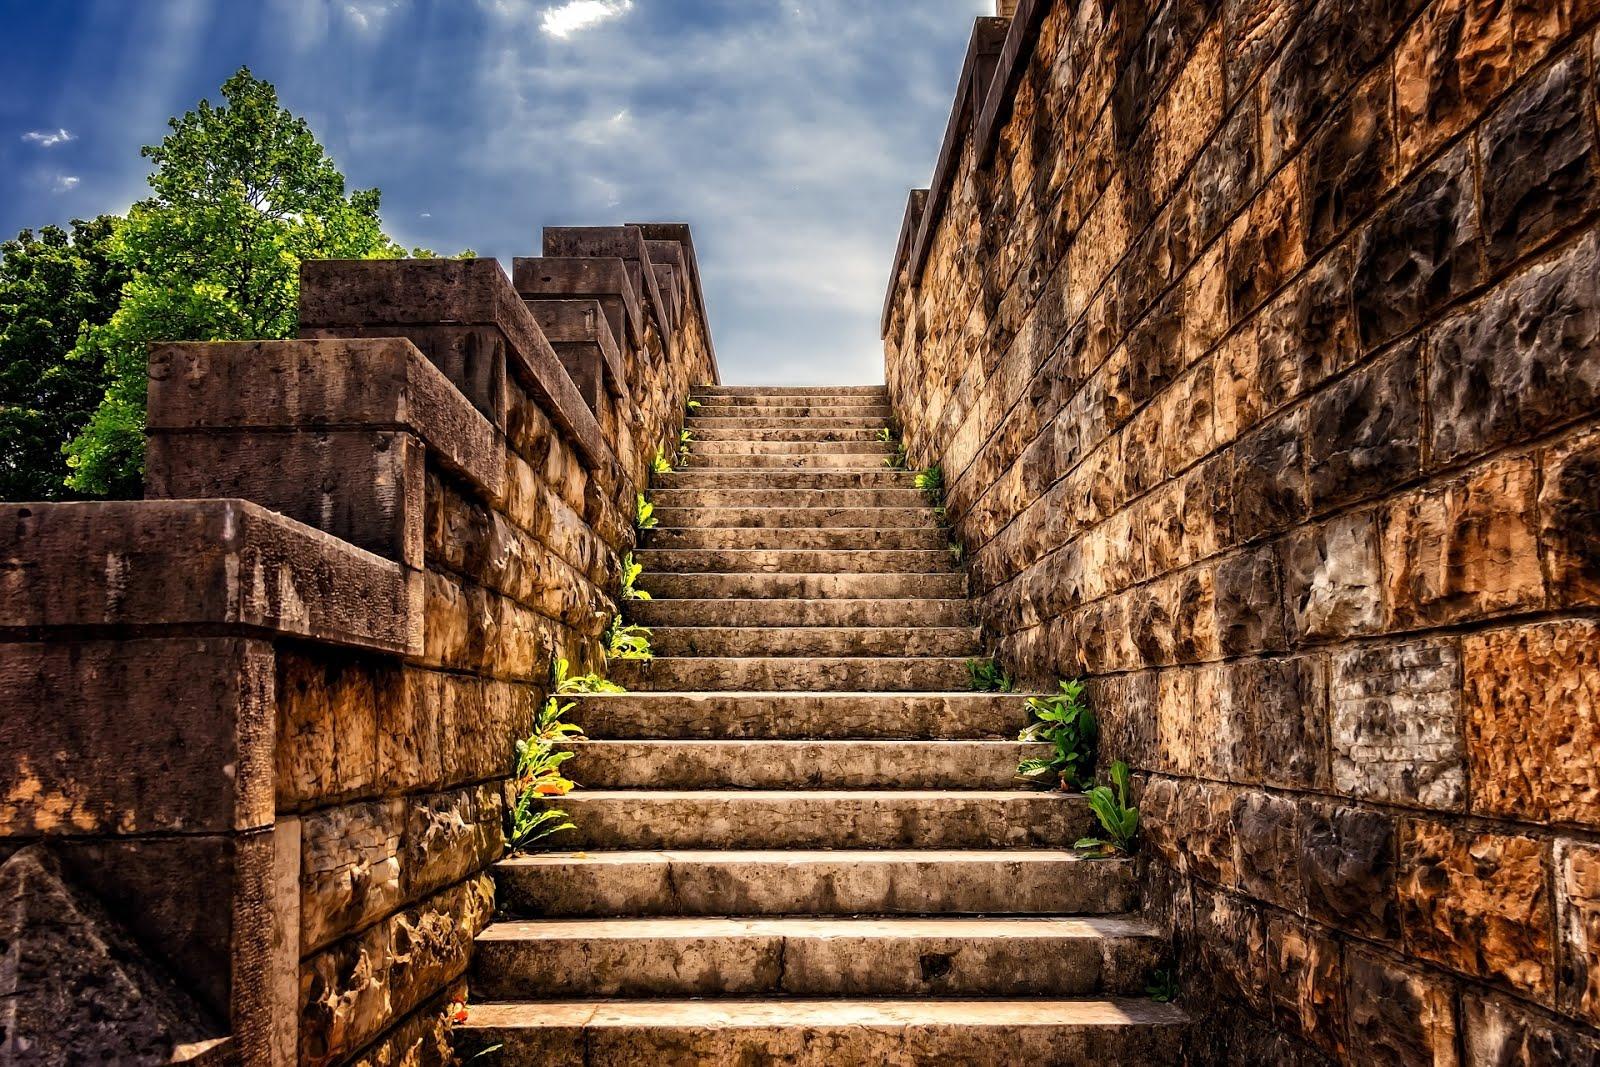 Neville Goddard y la lección de la escalera